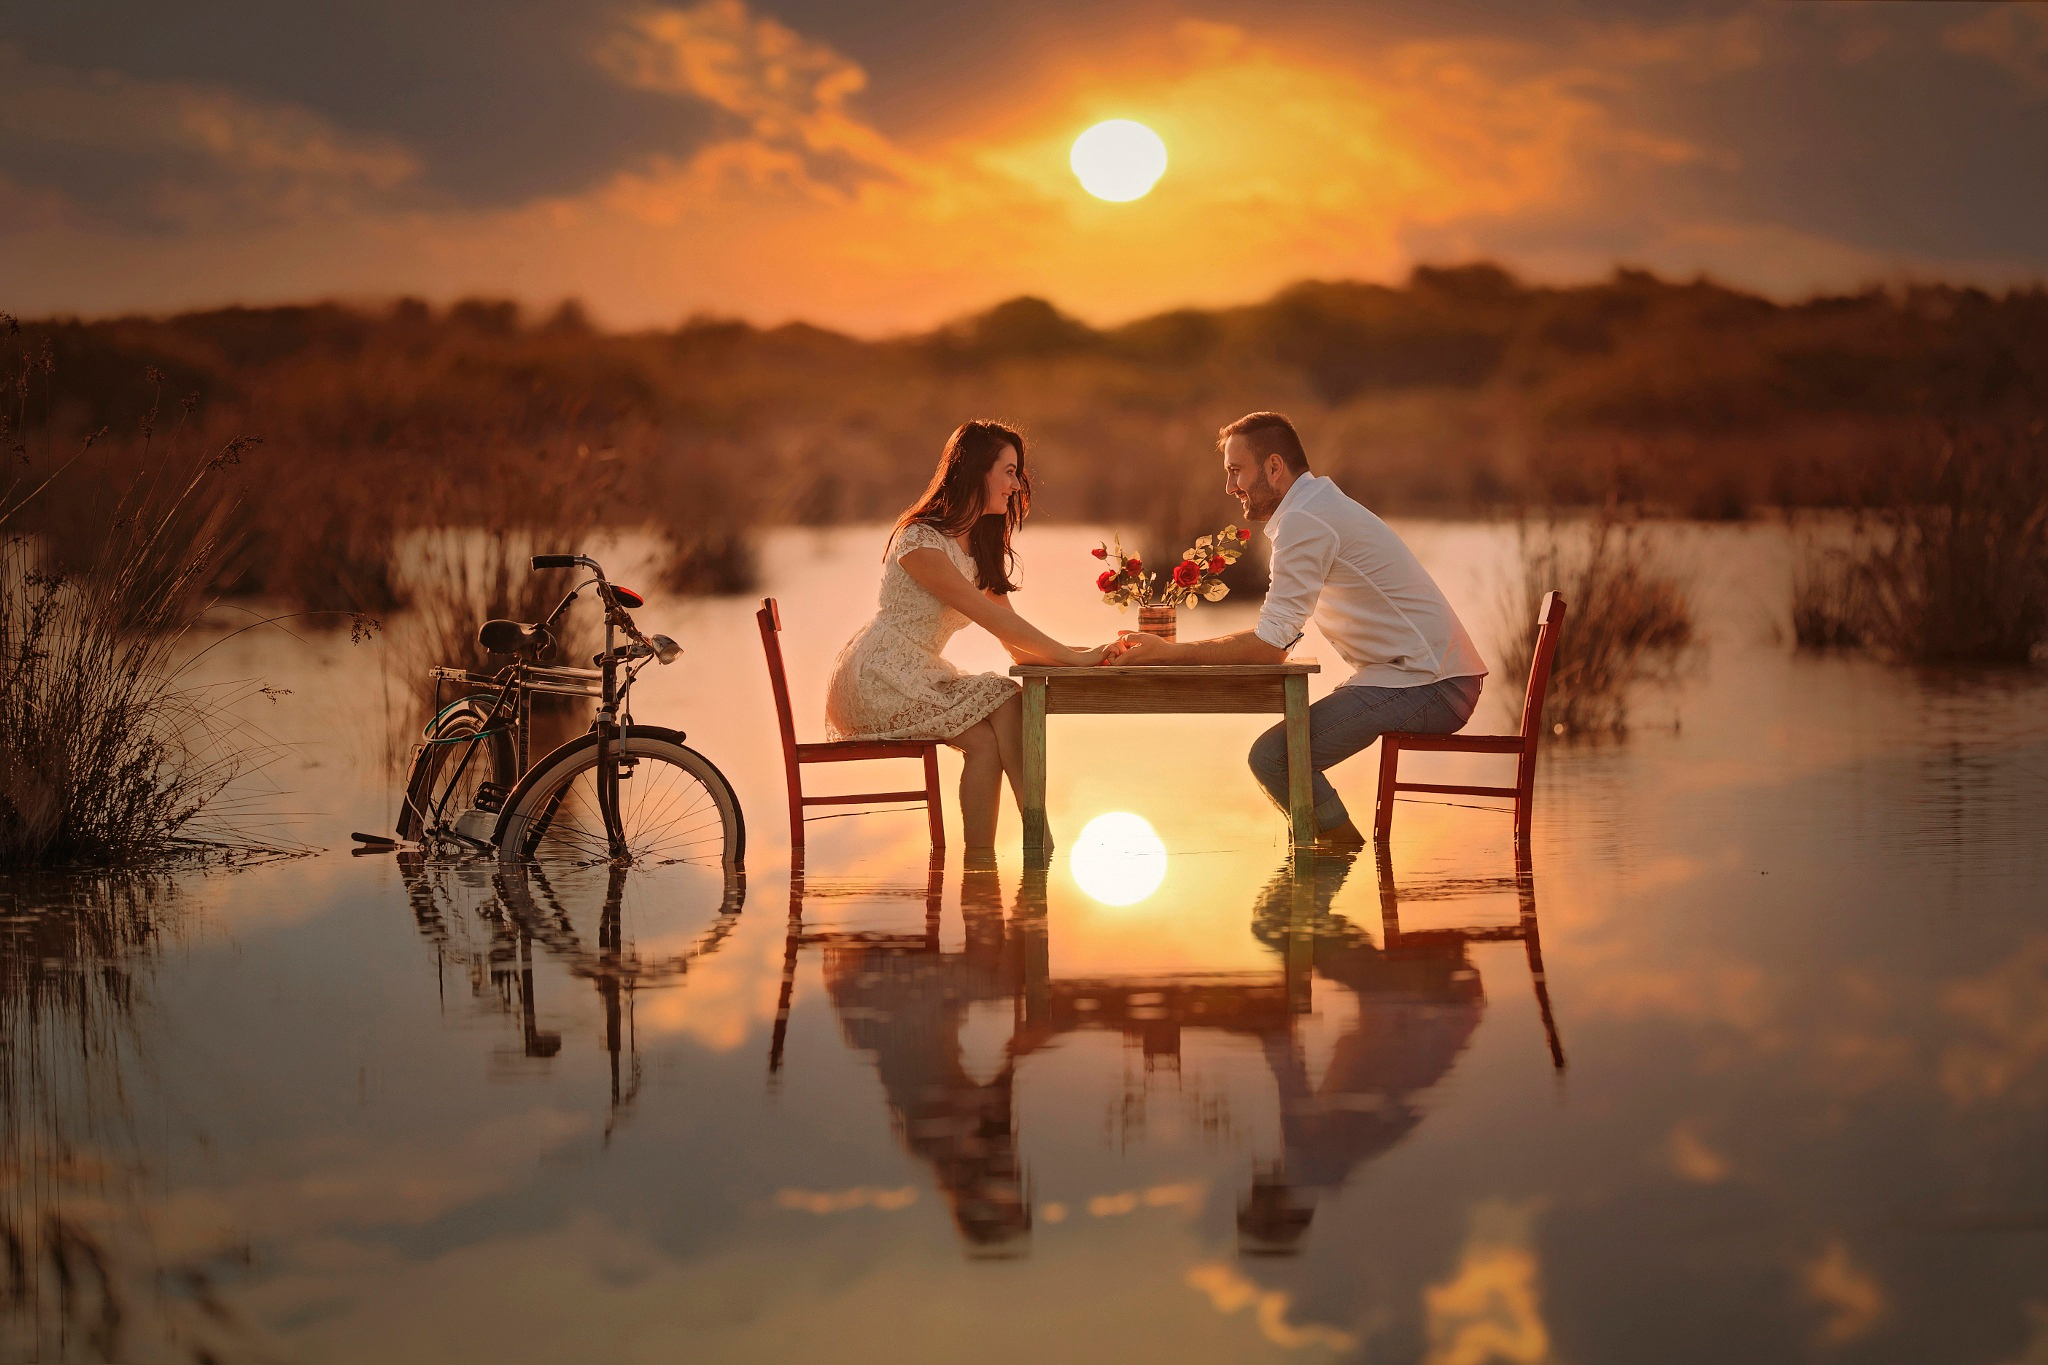 романтическая обстановка  № 1723533 бесплатно